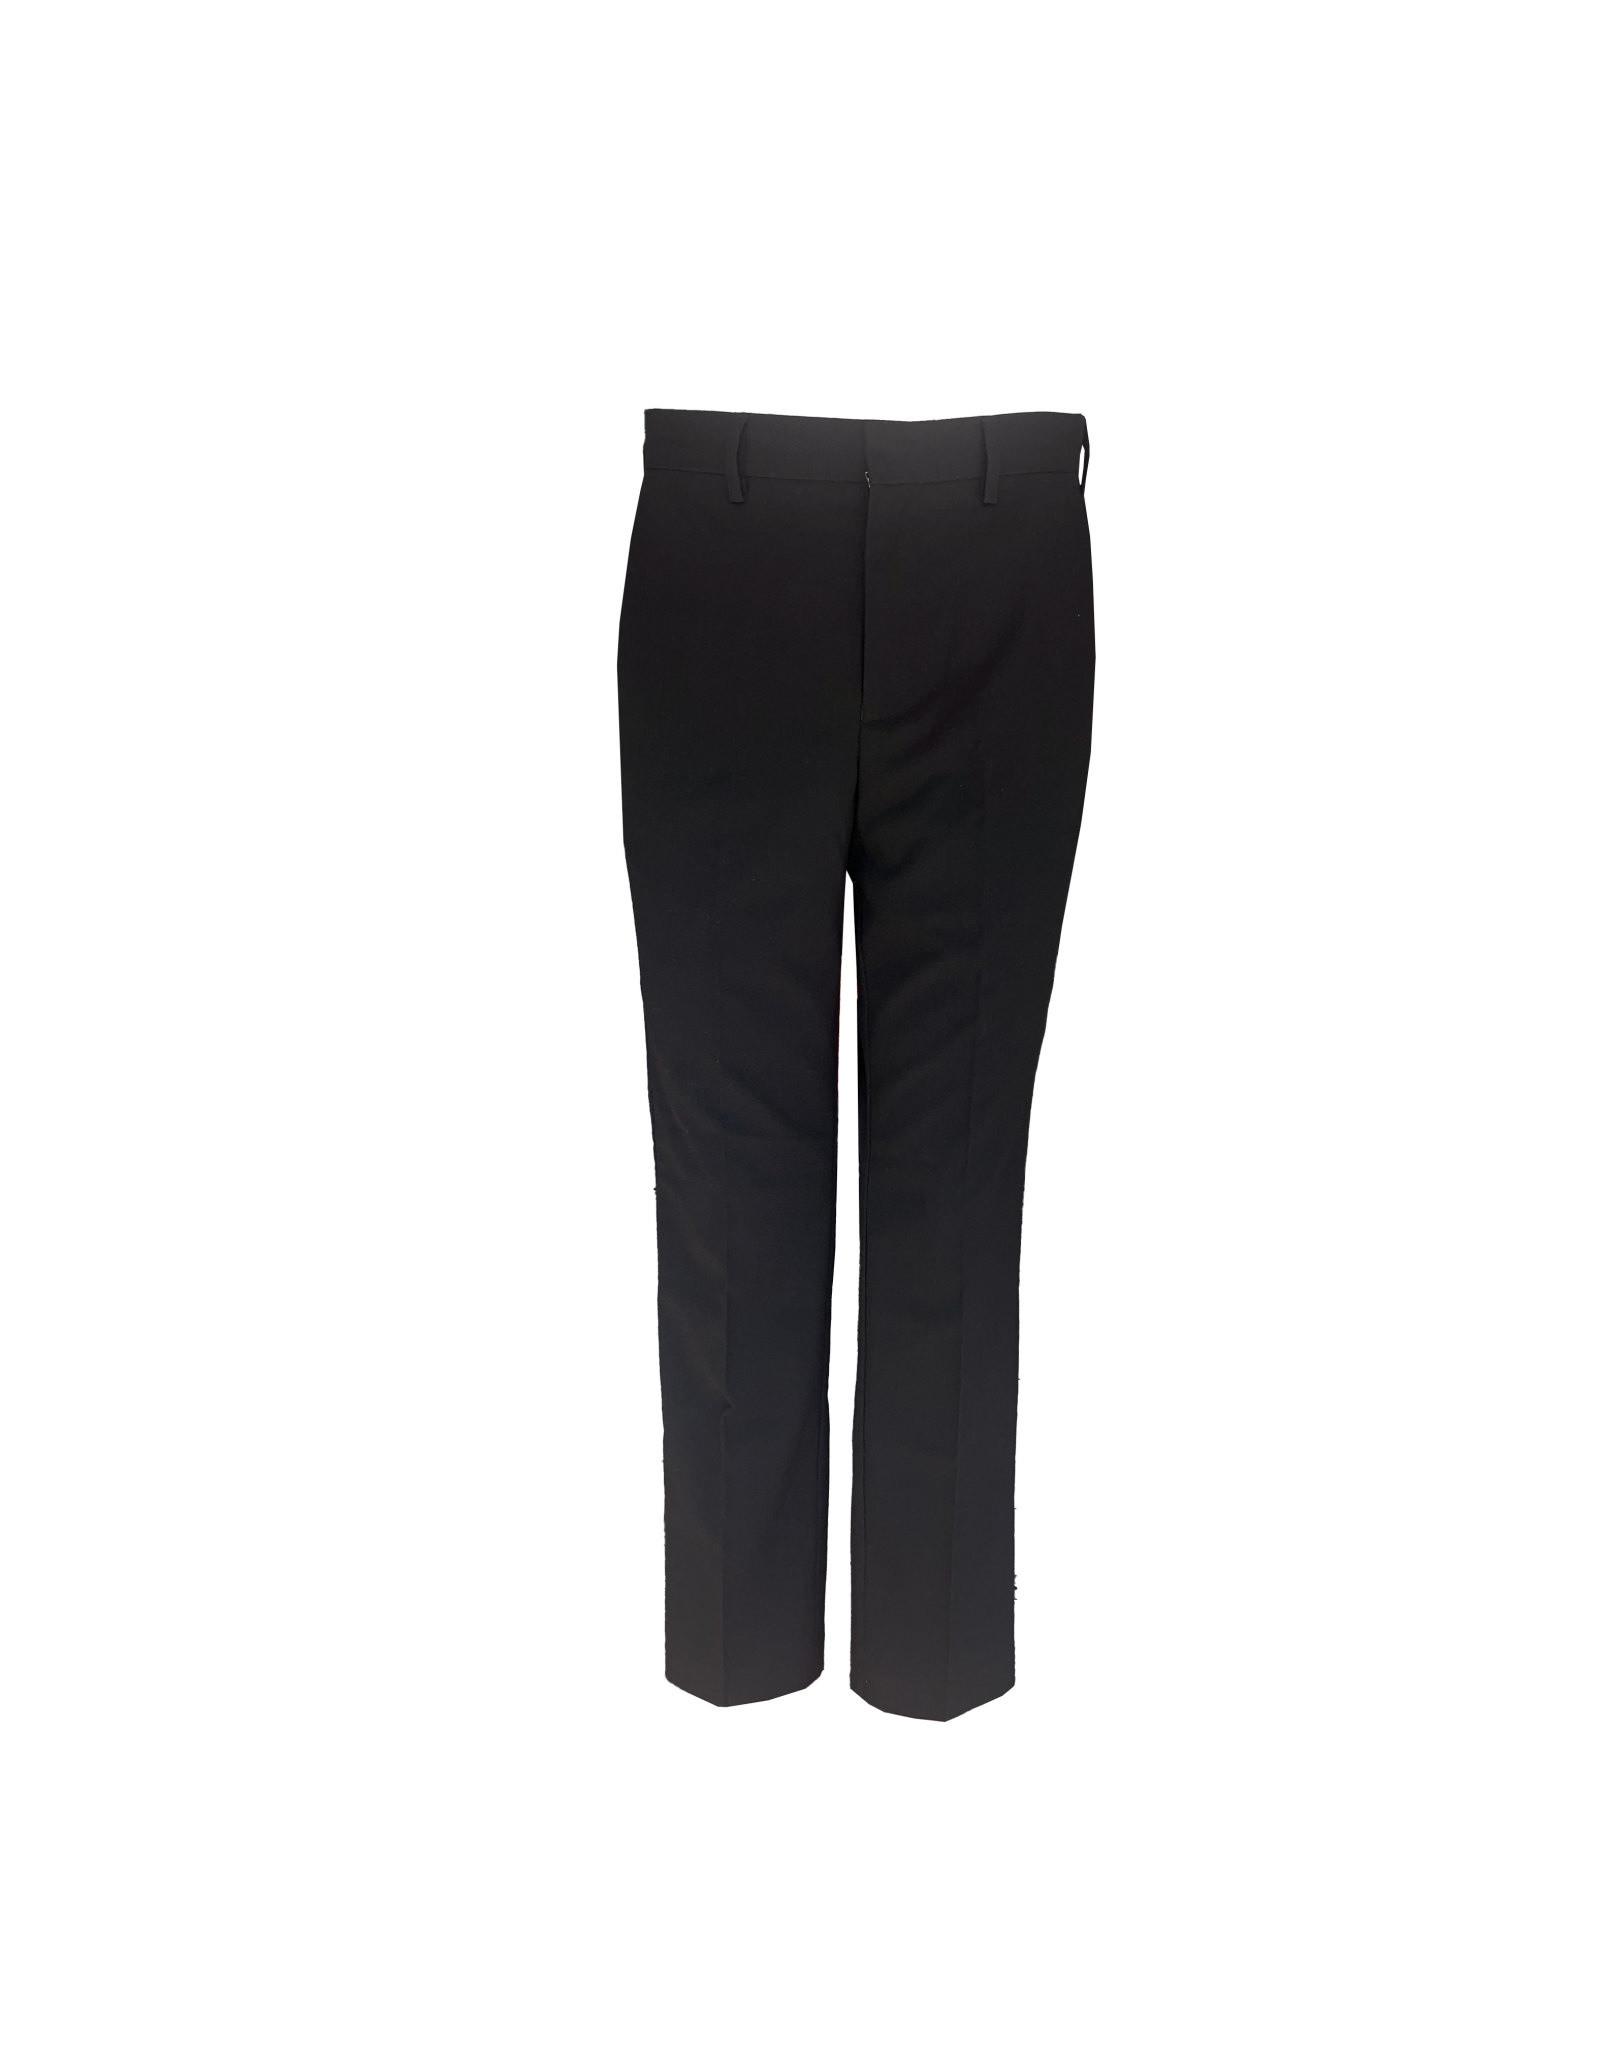 TOPMAN Topman Short Stretch  Slim  Pants  Size W30 L30